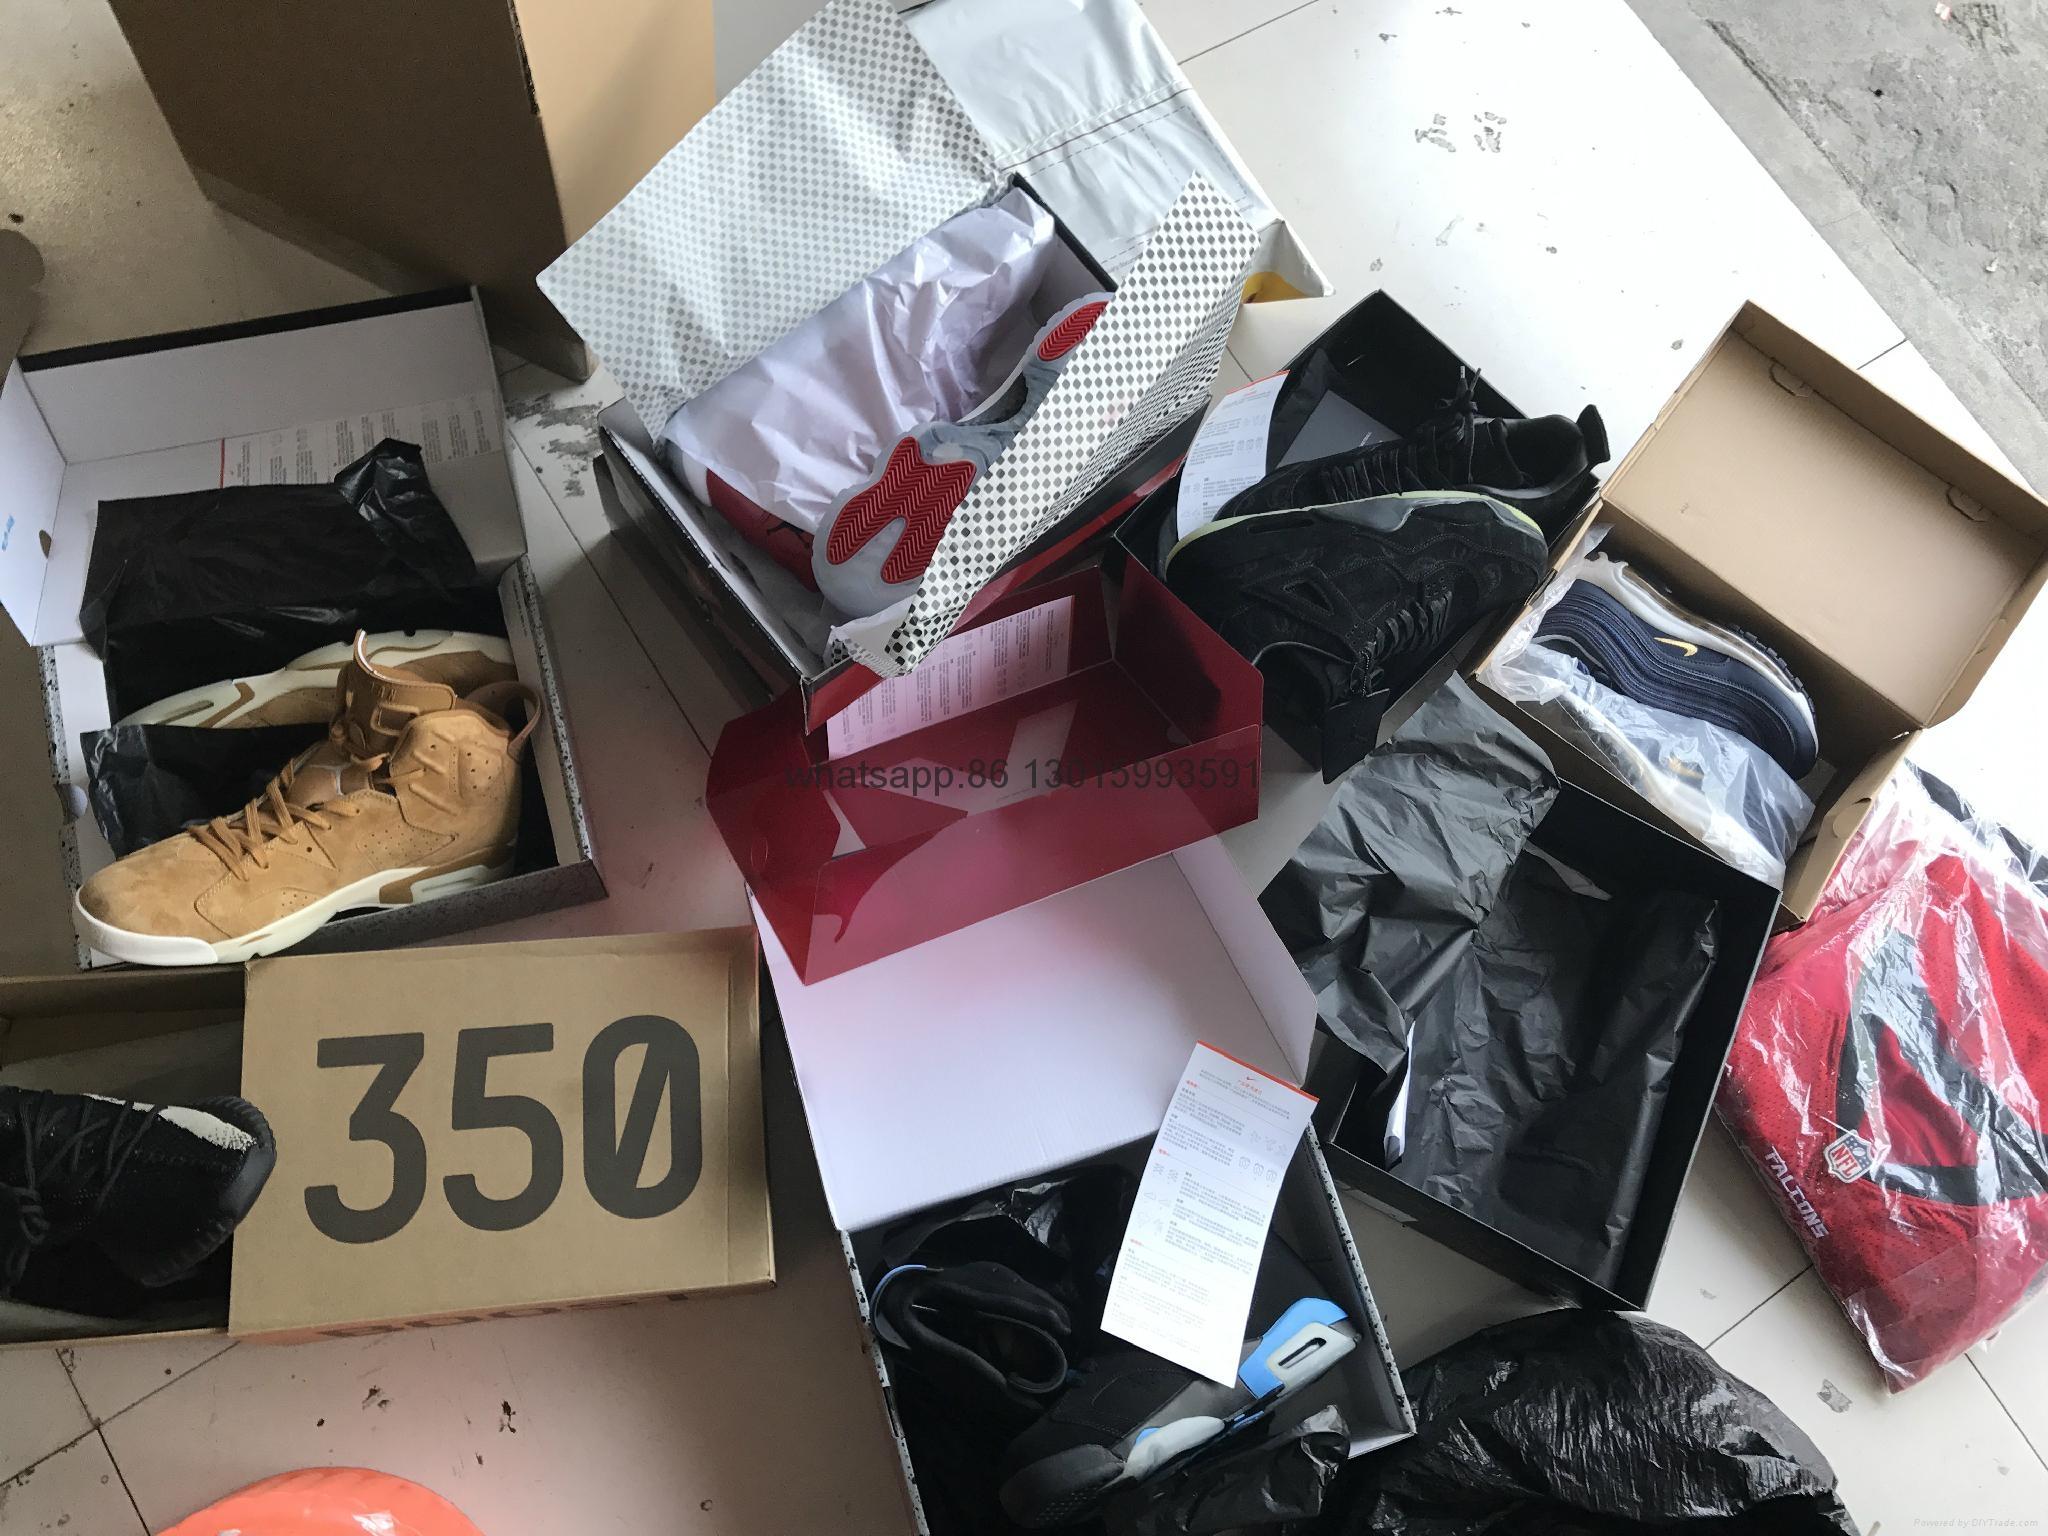 Nike air max 2017 authentic jordan sneaker original adidas yeezy wholesale hot!  2